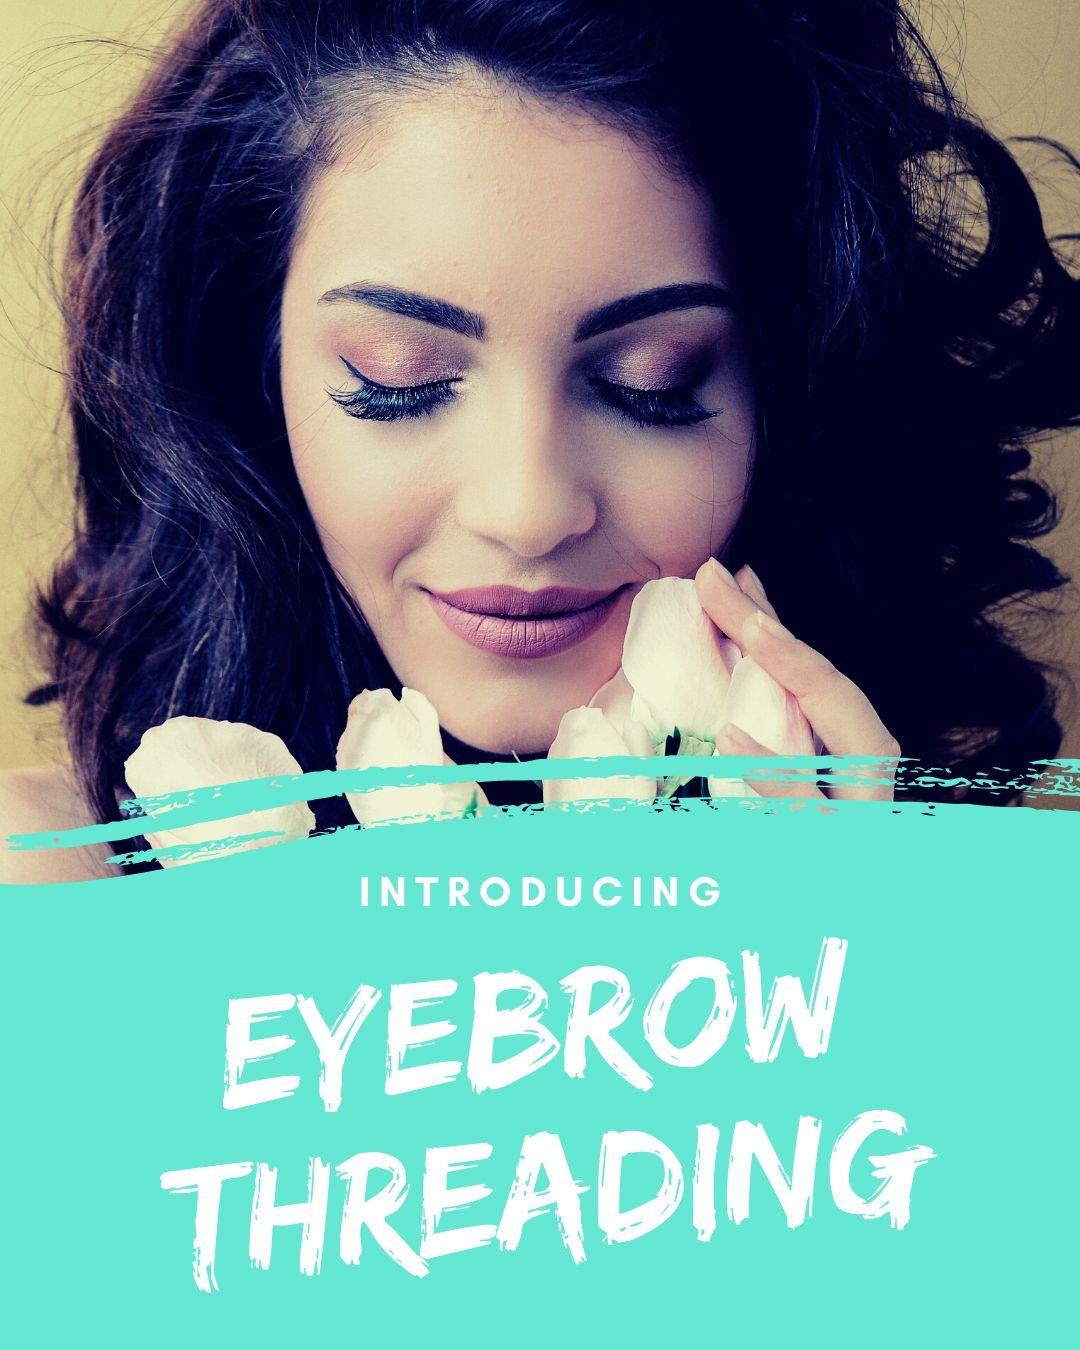 Introducing eyebrow threading at waxoxo sugaring waxbar